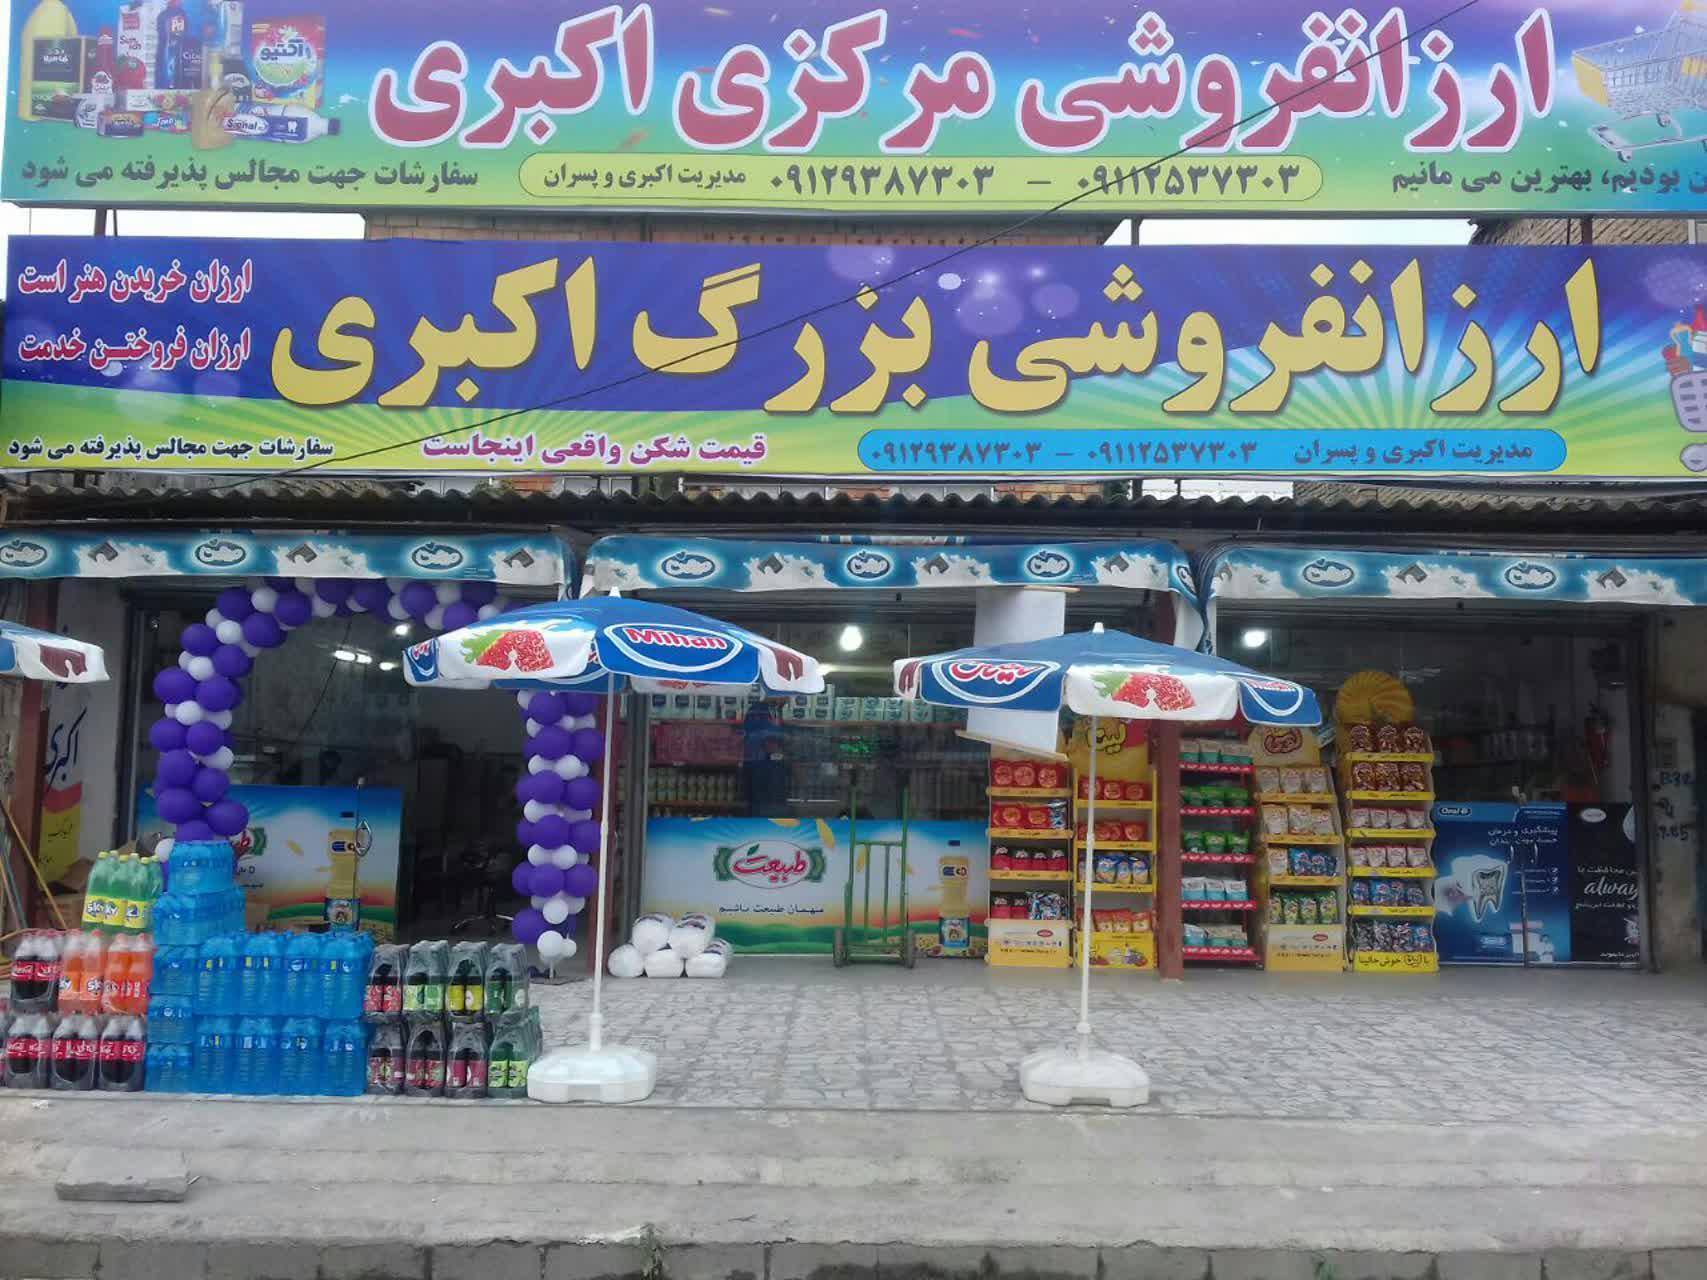 ارزان فروشی بزرگ و مرکزی اکبری